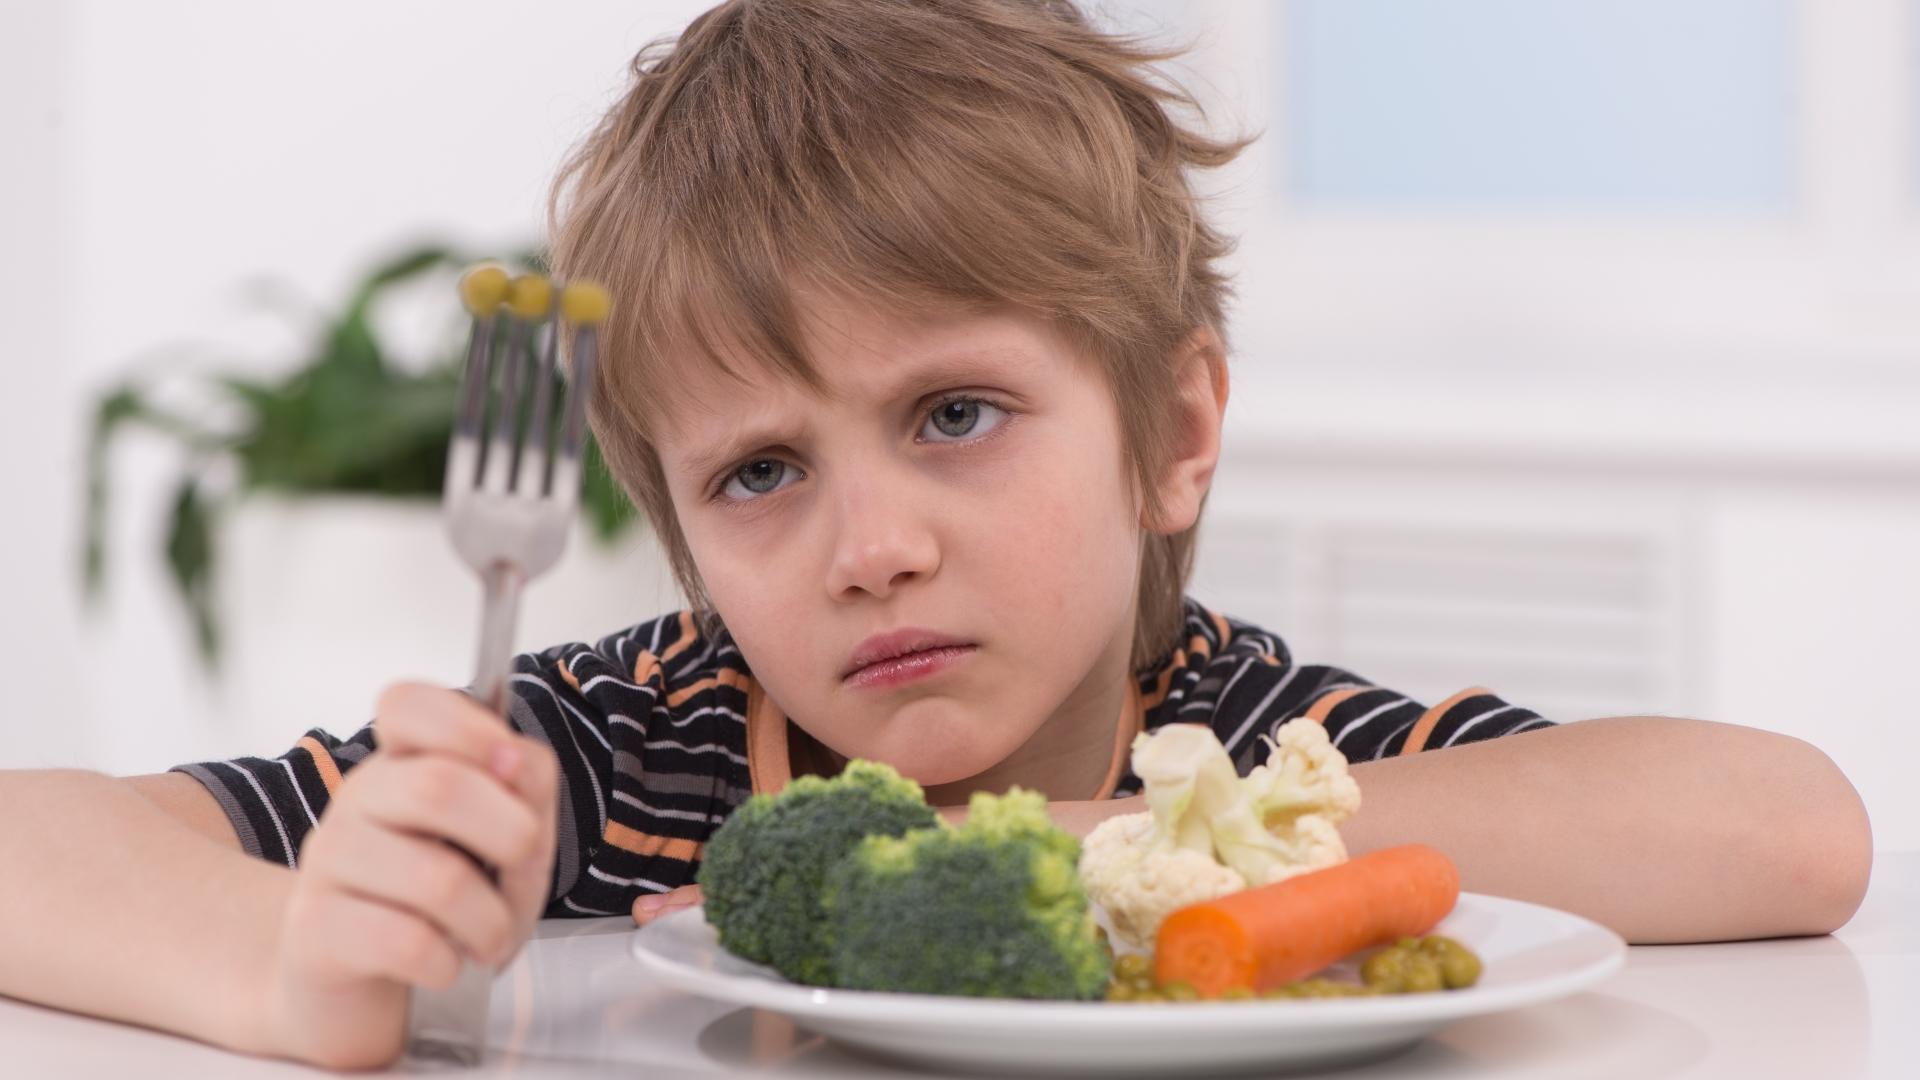 Как можно приучить детей к здоровой пище